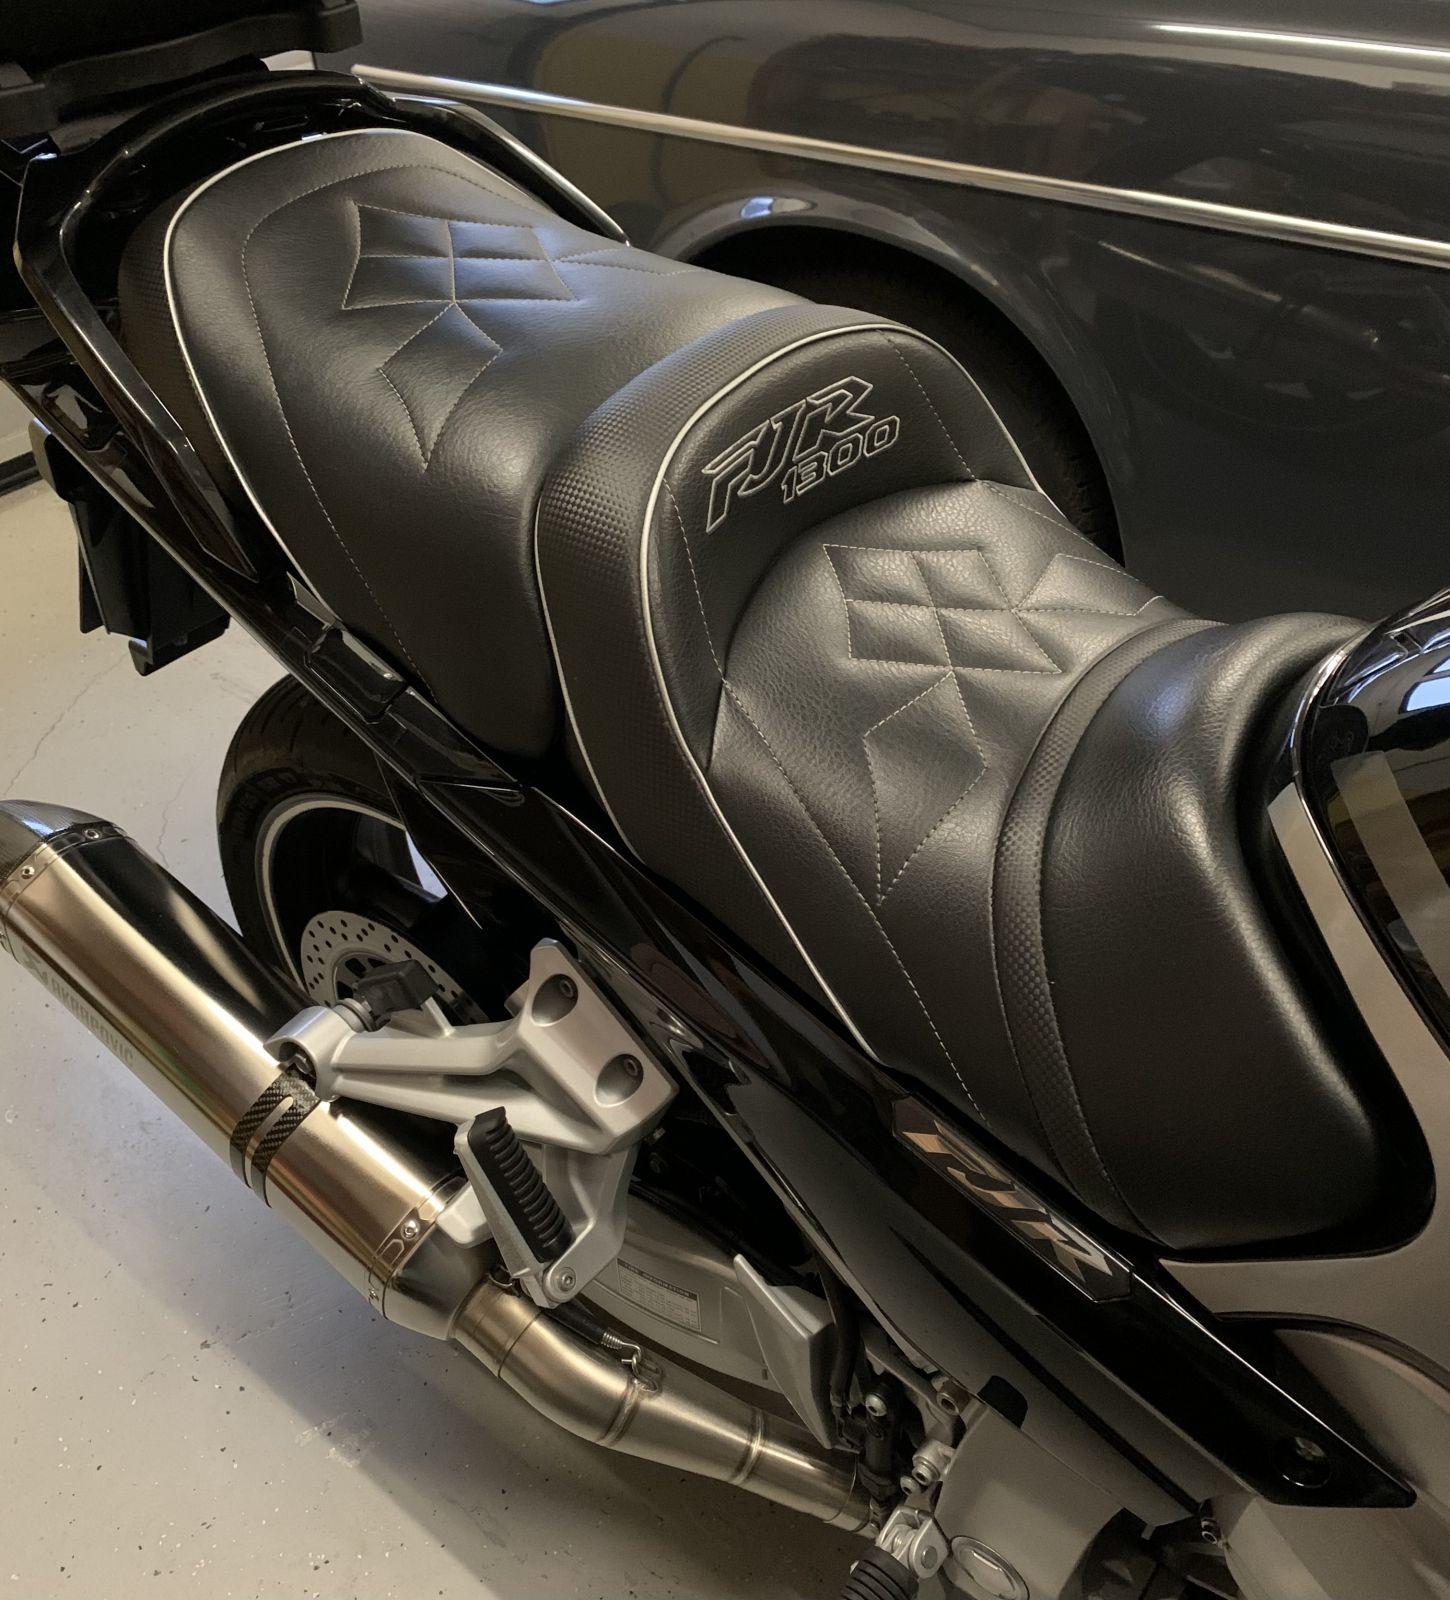 FJR 1300 Gel Pad Sitzbank Neopren M Schwarz Tourtecs Motorrad Sitzauflage f/ür Yamaha BT 1100 Bulldog